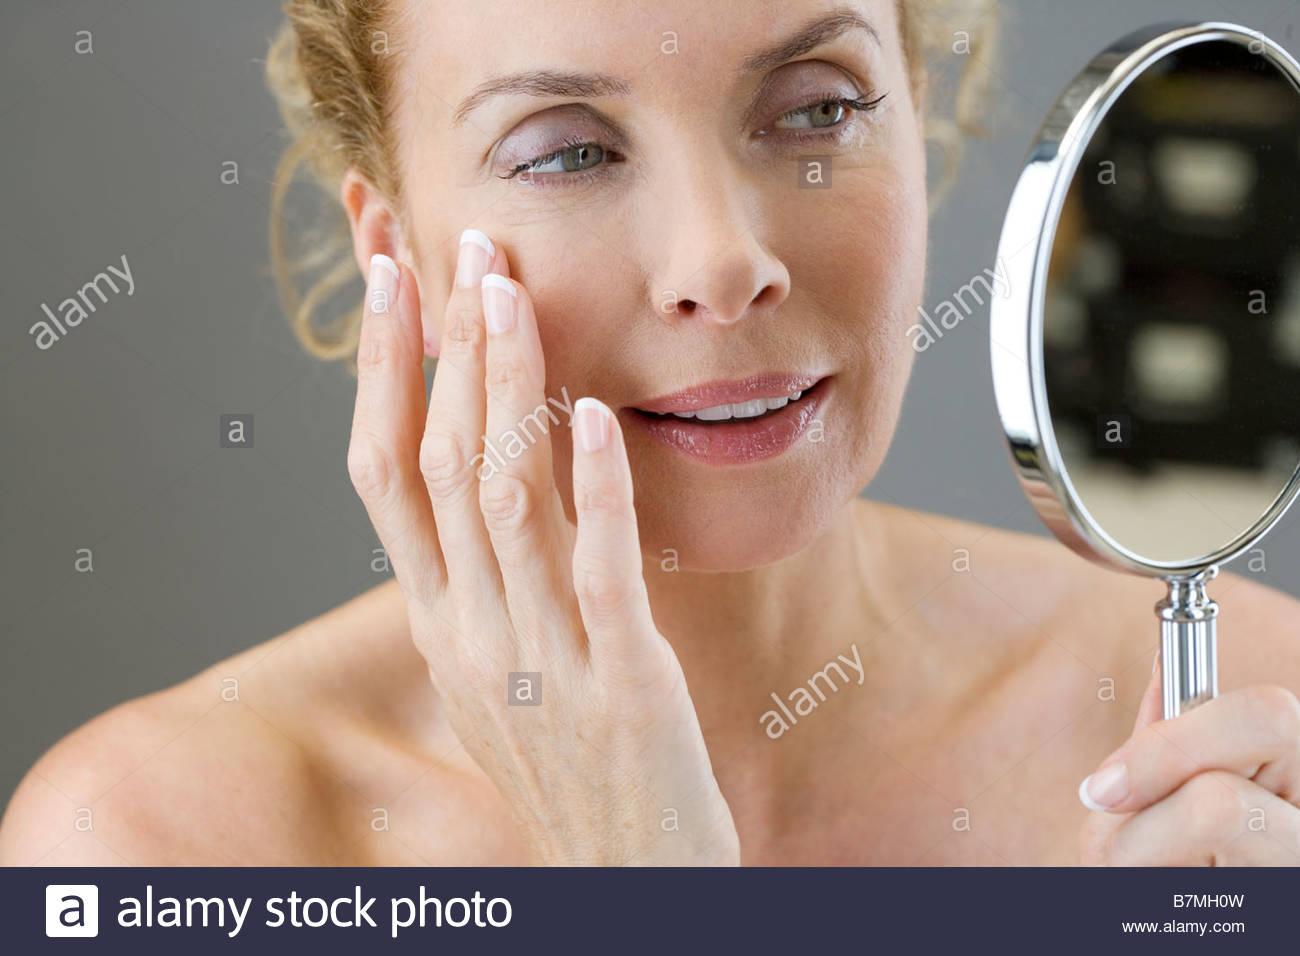 Eine Frau mittleren Alters, die ihr Gesicht im Spiegel zu betrachten Stockbild